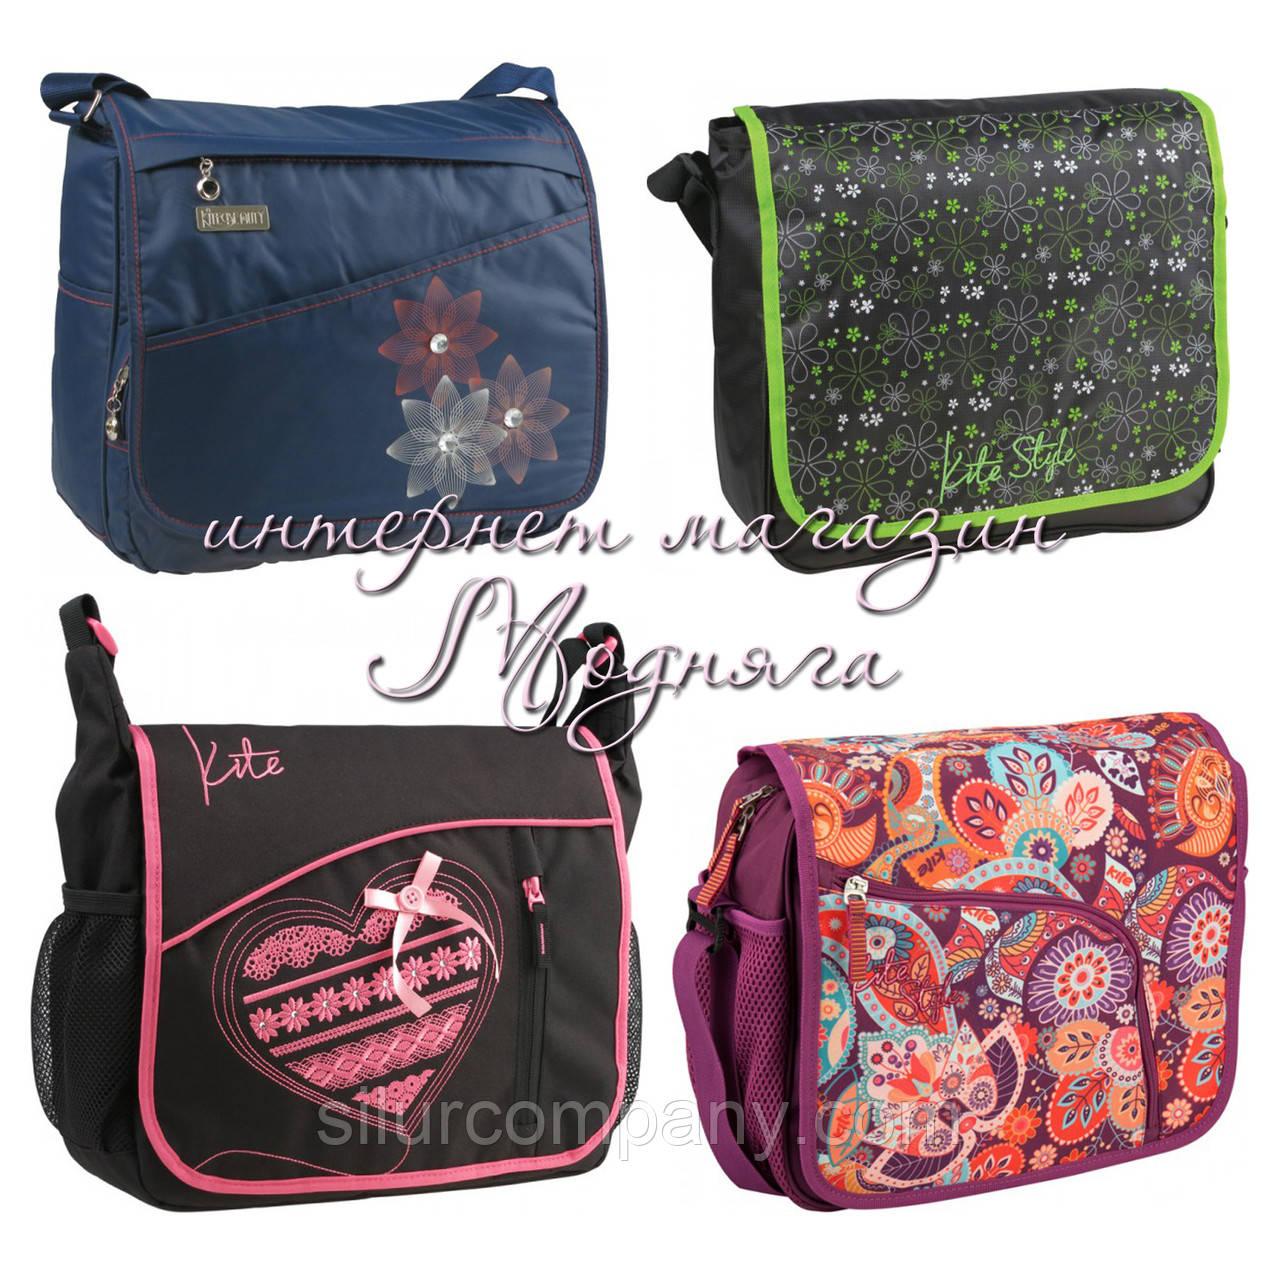 cb008fc68690 Спортивные сумки kite stile для девочек: продажа, цена в Киеве, в ...